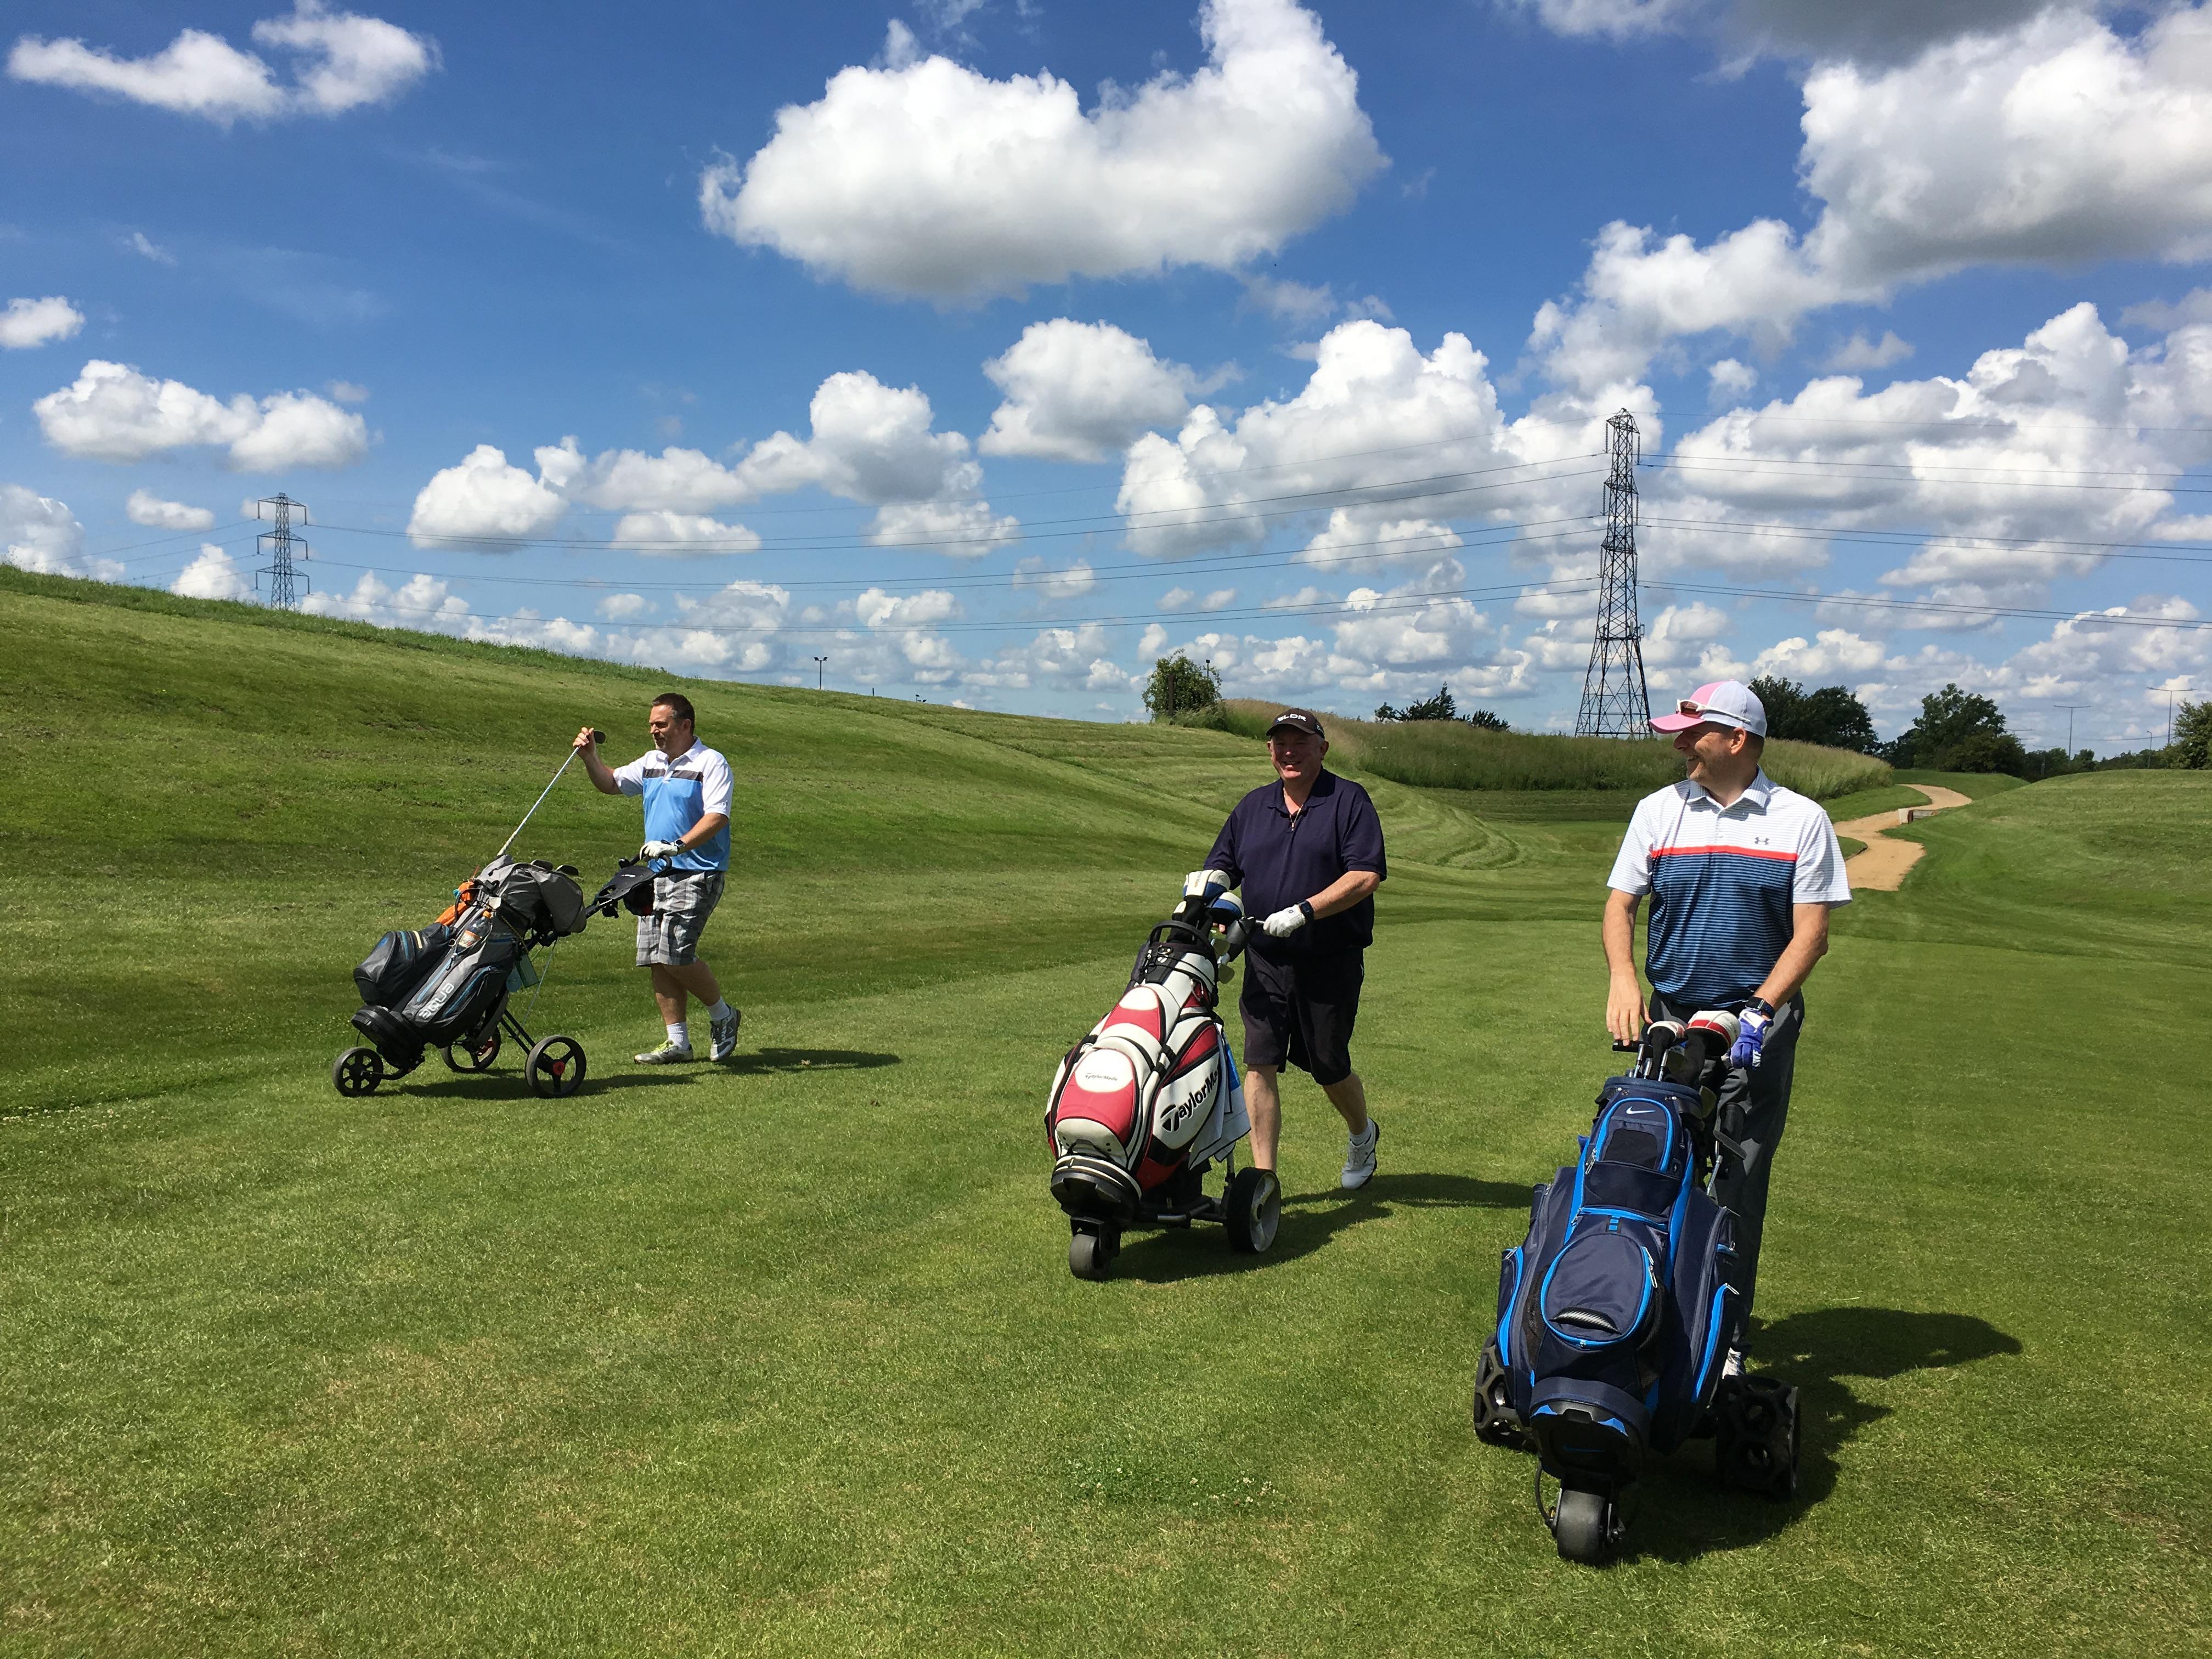 Texas scramble golf uk betting dr paul bettinger